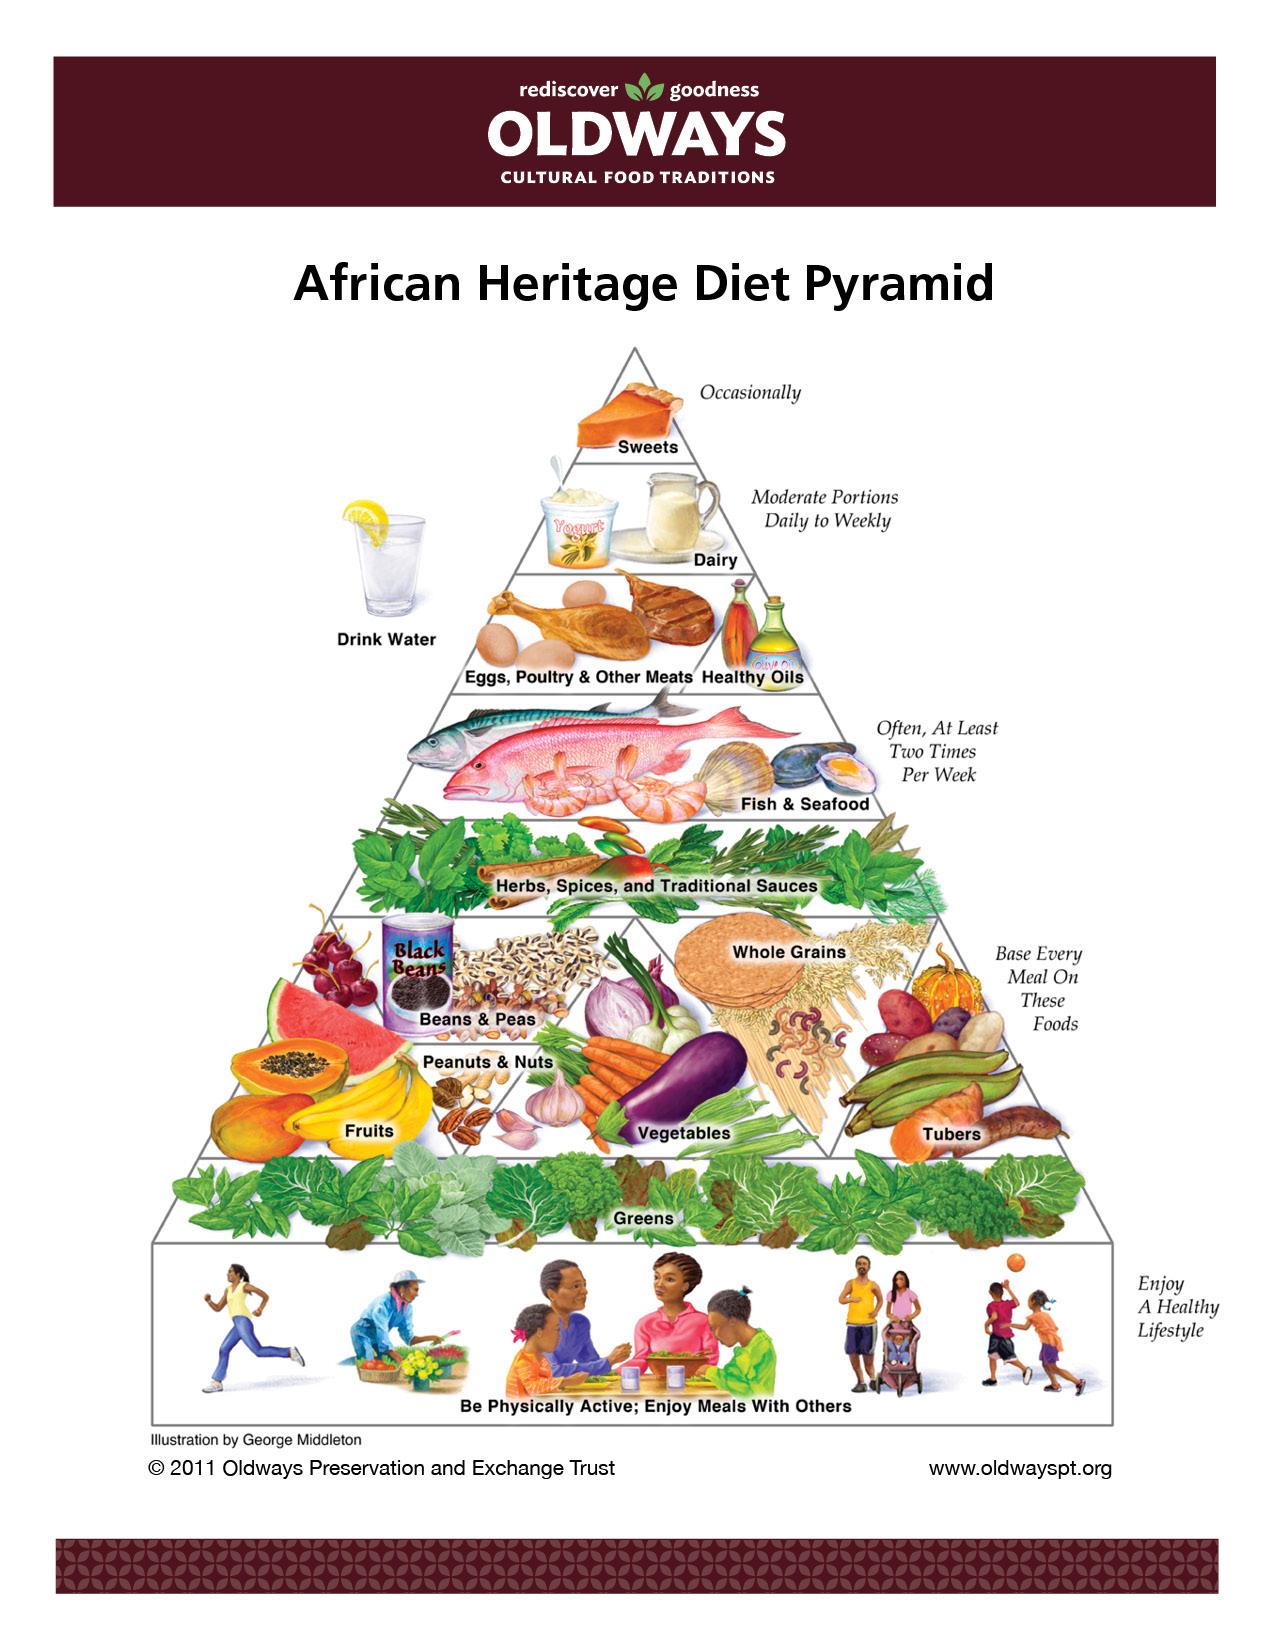 Состав африканской диеты